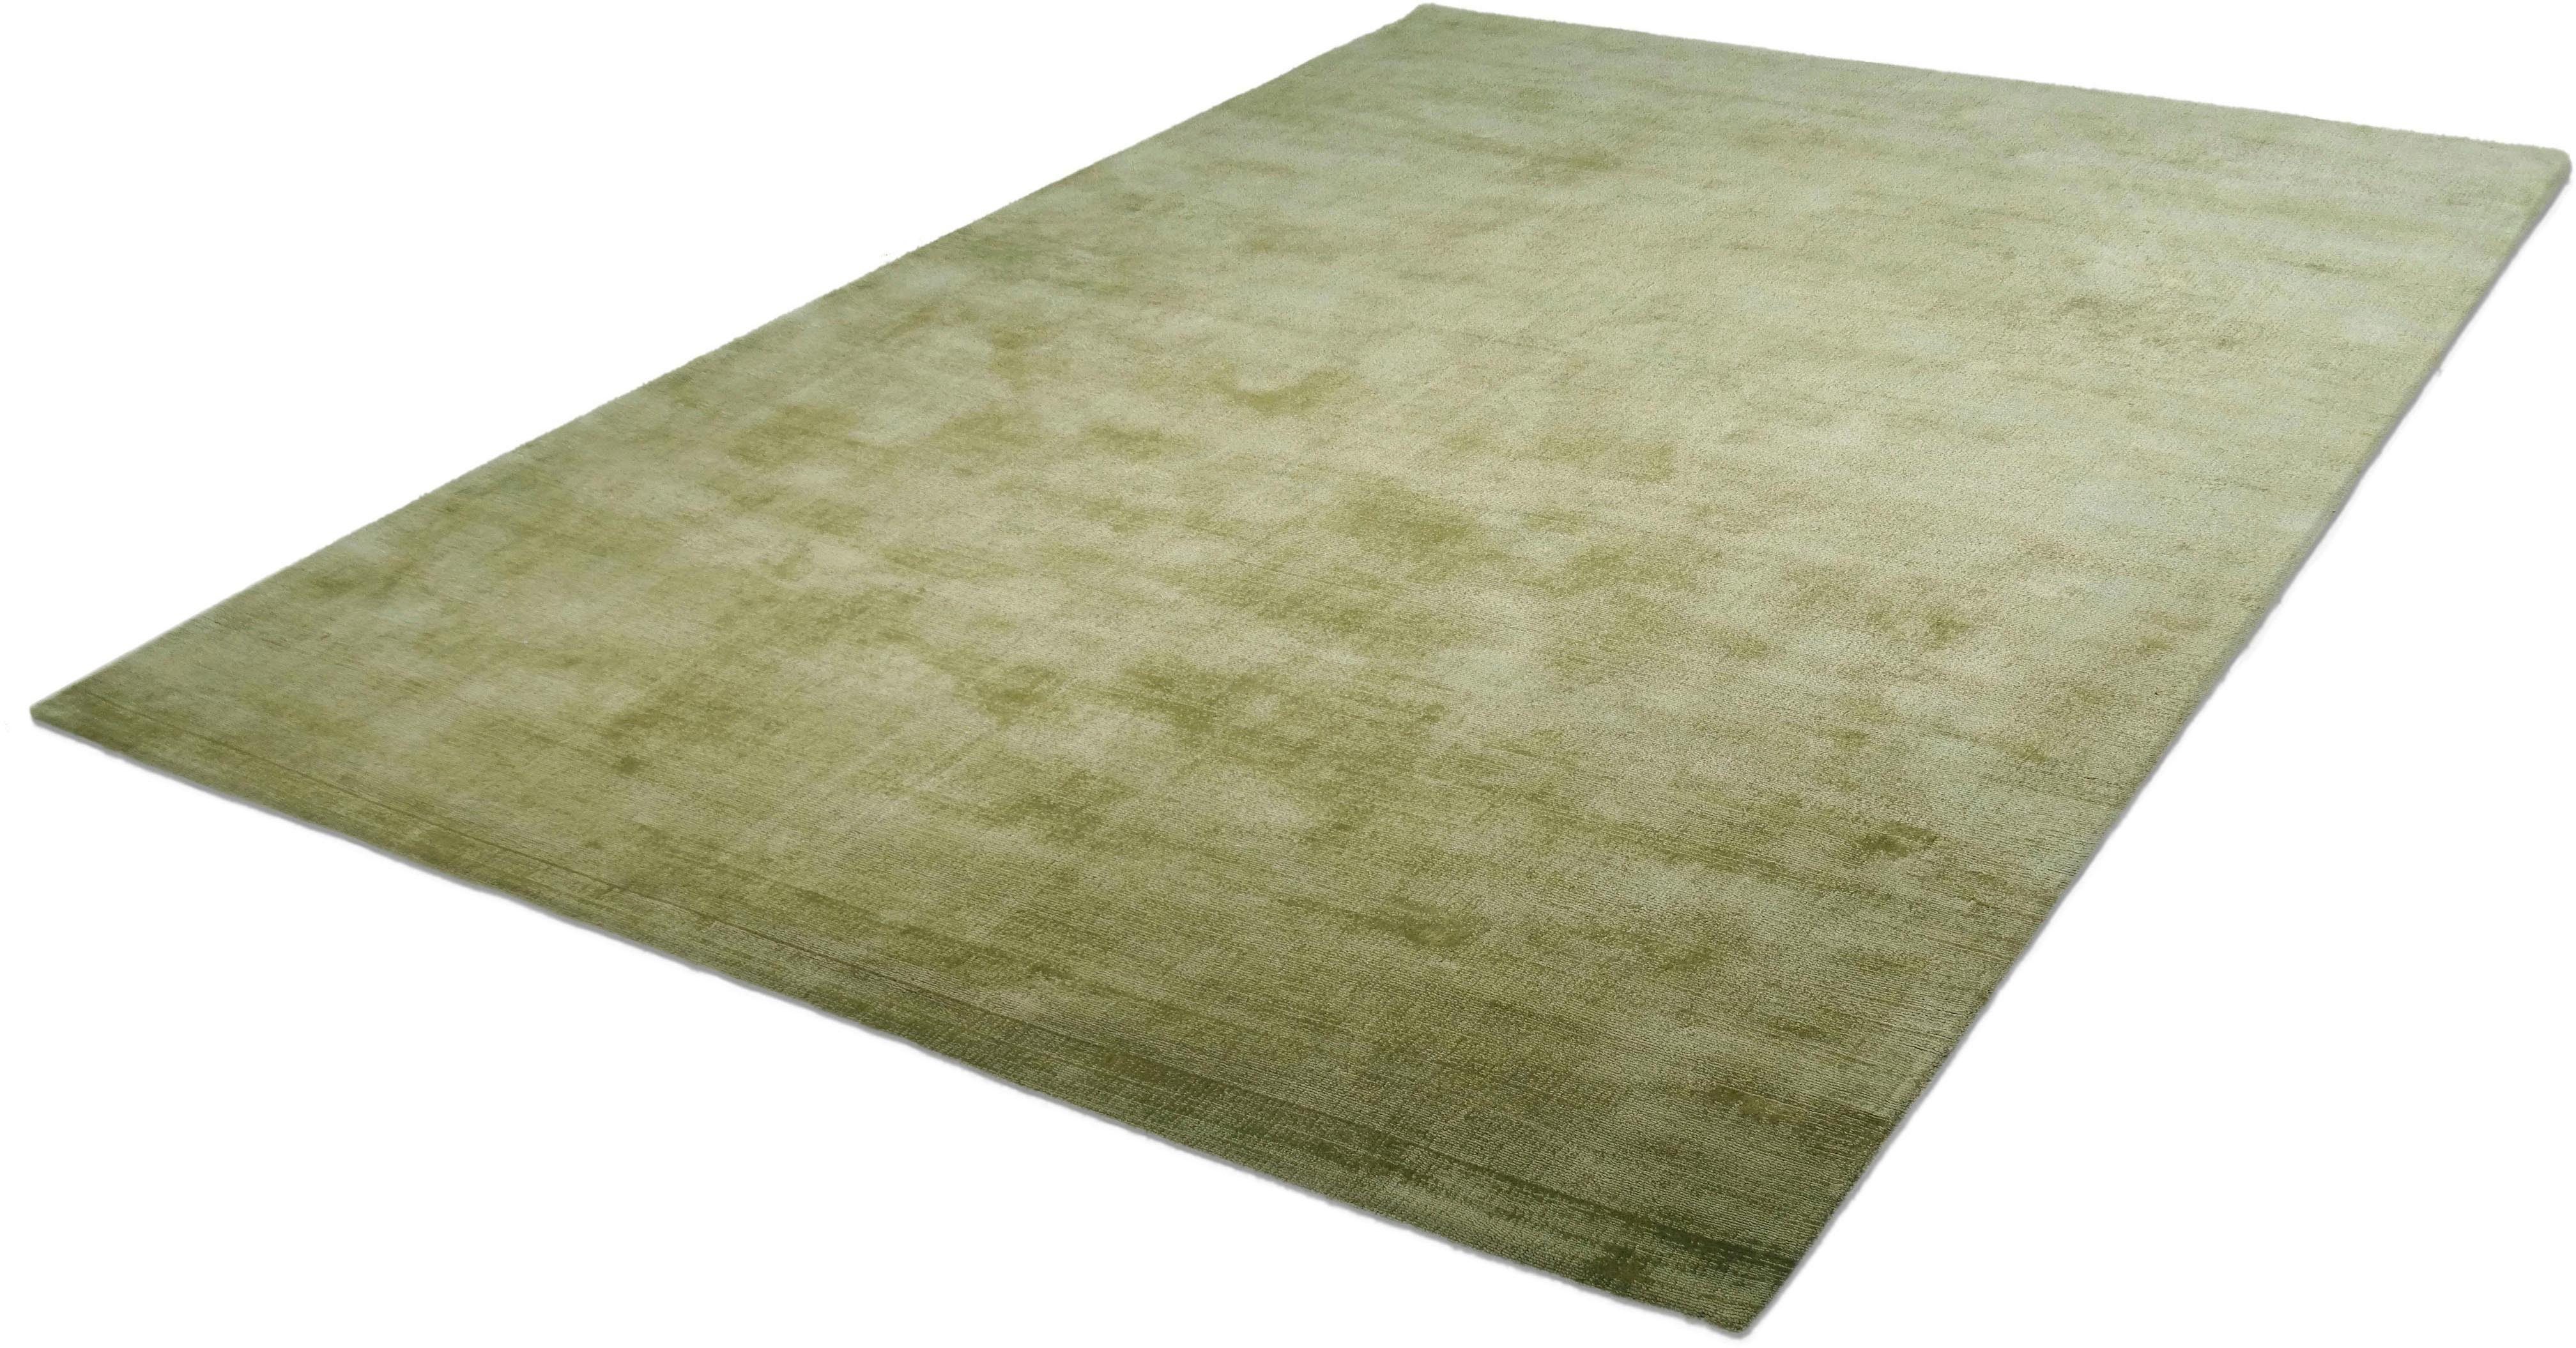 Teppich Viteox 200 calo-deluxe rechteckig Höhe 13 mm handgewebt